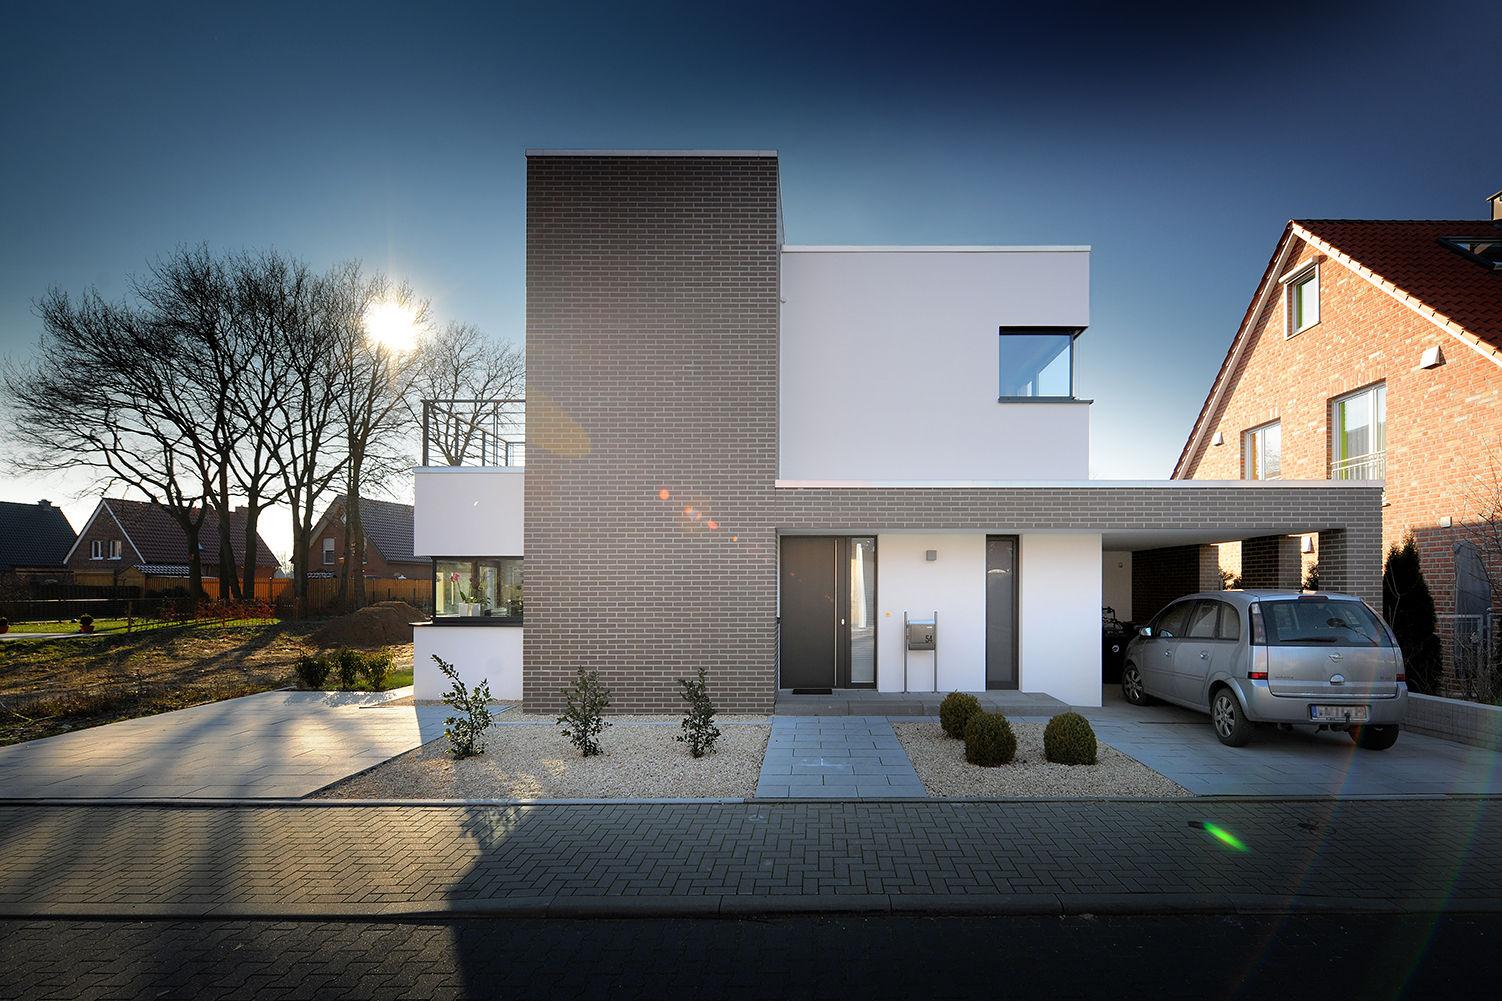 Moderne Hauseingänge moderner hauseingang mit gekiestem vorgarten bauemotion de